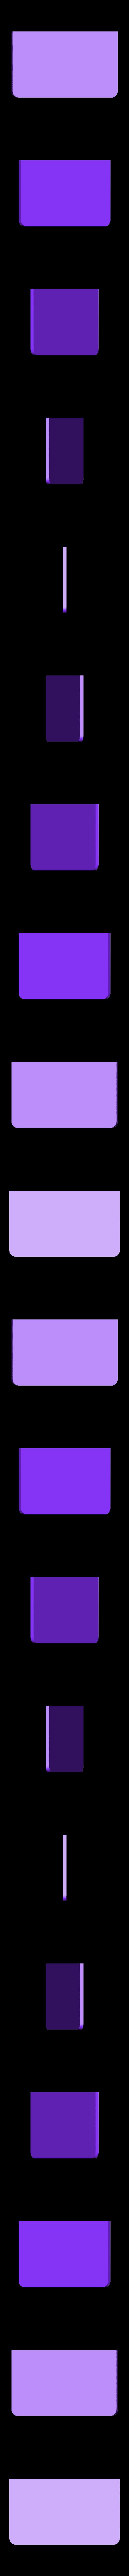 s%C3%A9parateur.stl Télécharger fichier STL gratuit Boîtier de tiroir et entretoises pour l'organiseur • Objet imprimable en 3D, petrichormarauder